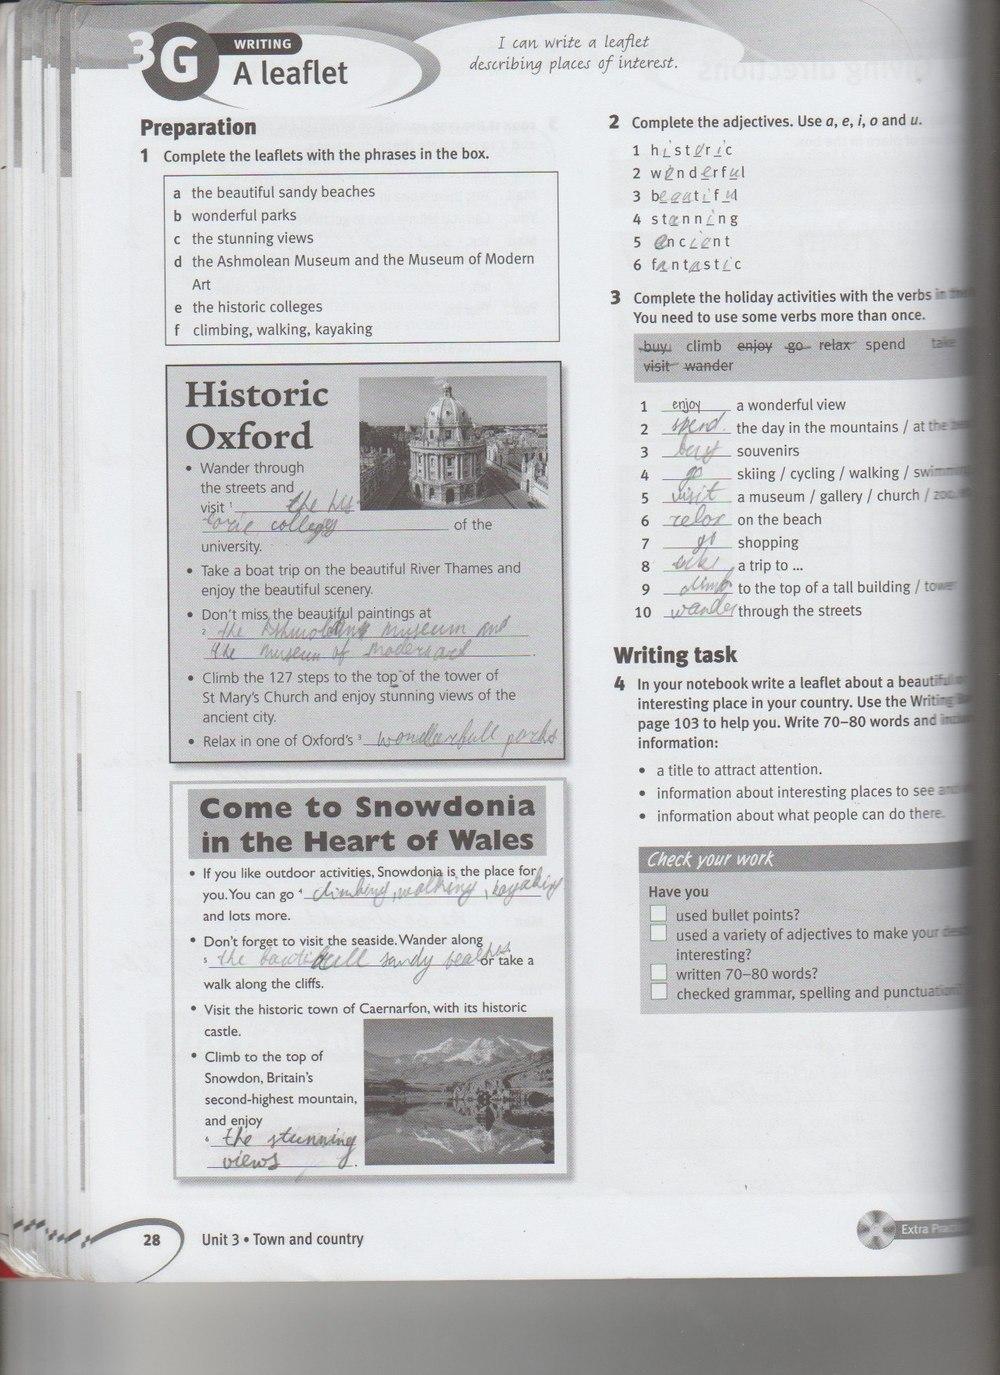 английский язык 7 класс оксфорд гдз